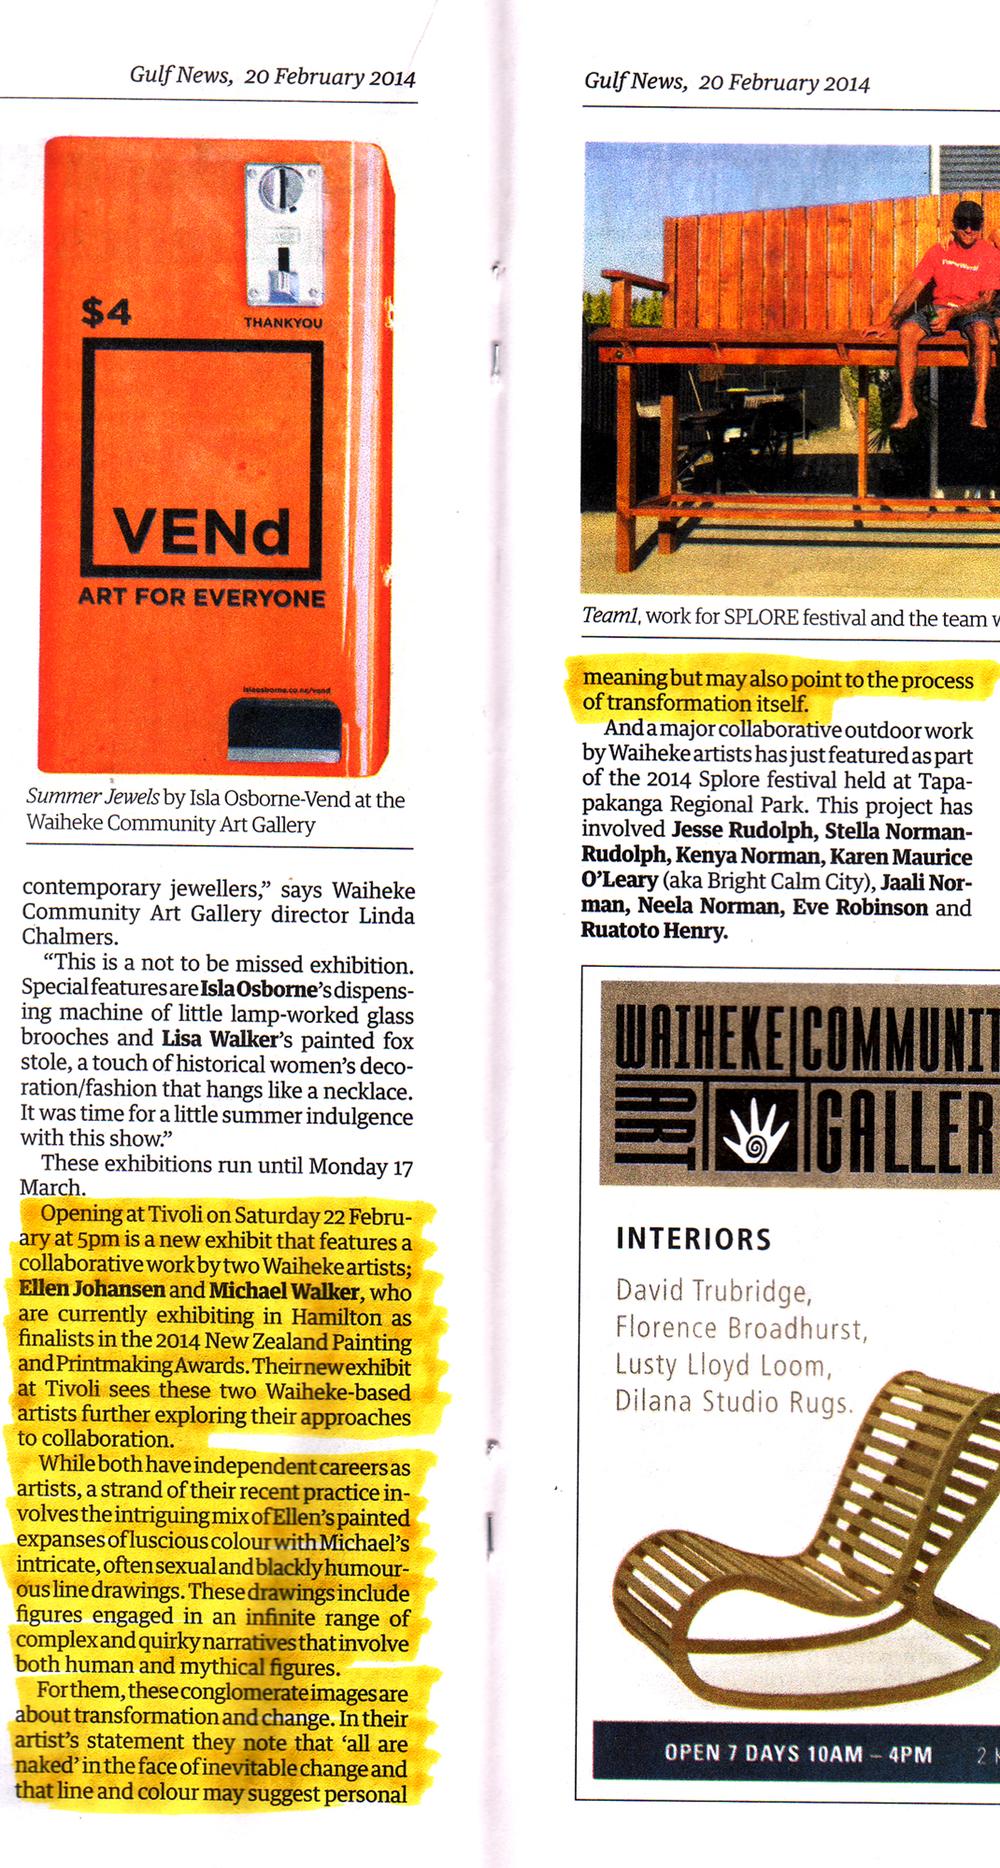 Gulf News-Tivoli Exhib 5.jpg